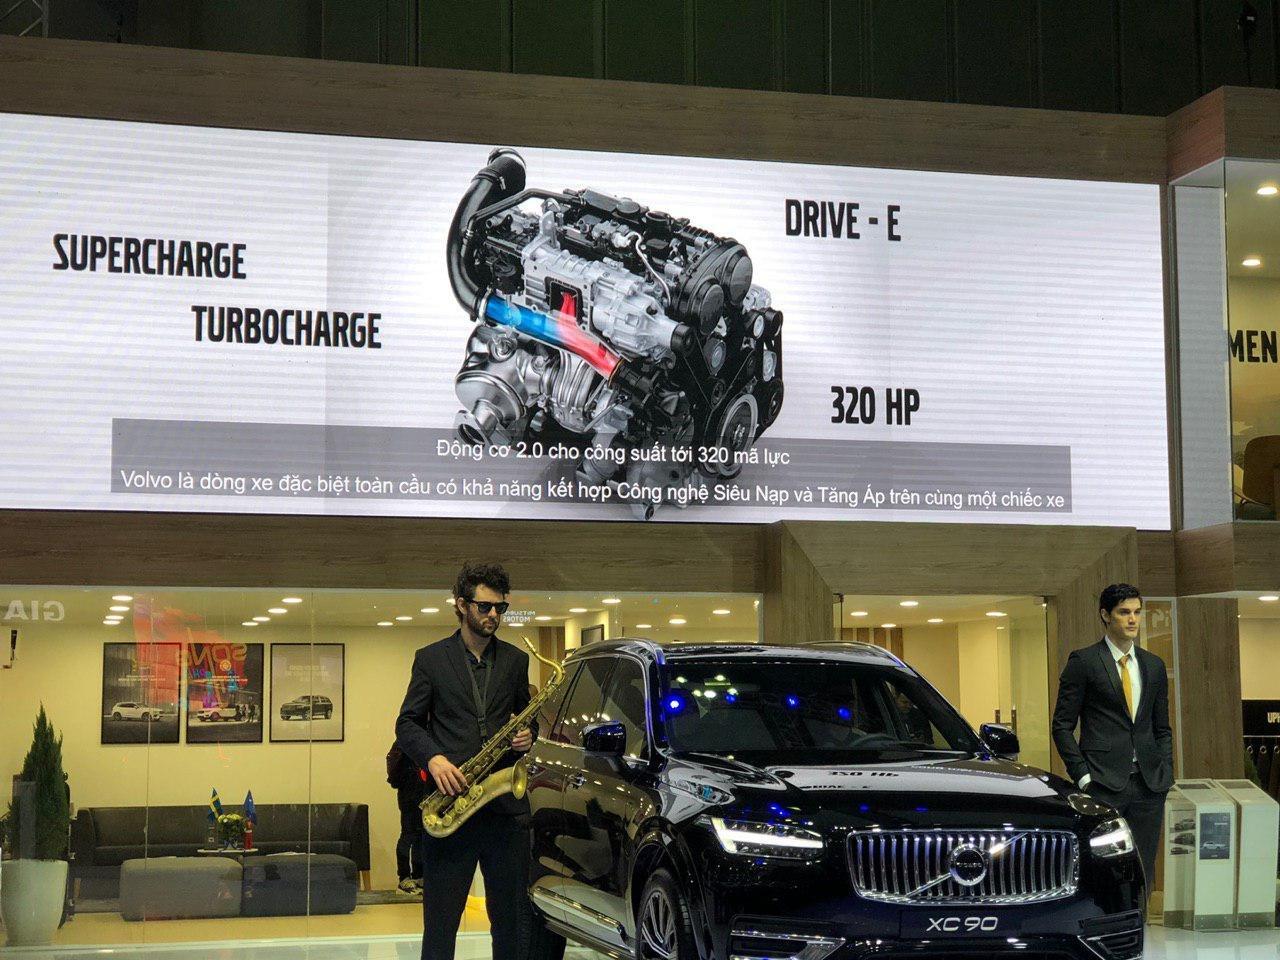 Động cơ Drive – E T6 2.0 giúp Volvo XC90 facelift đạt công suất 320 mã lực.